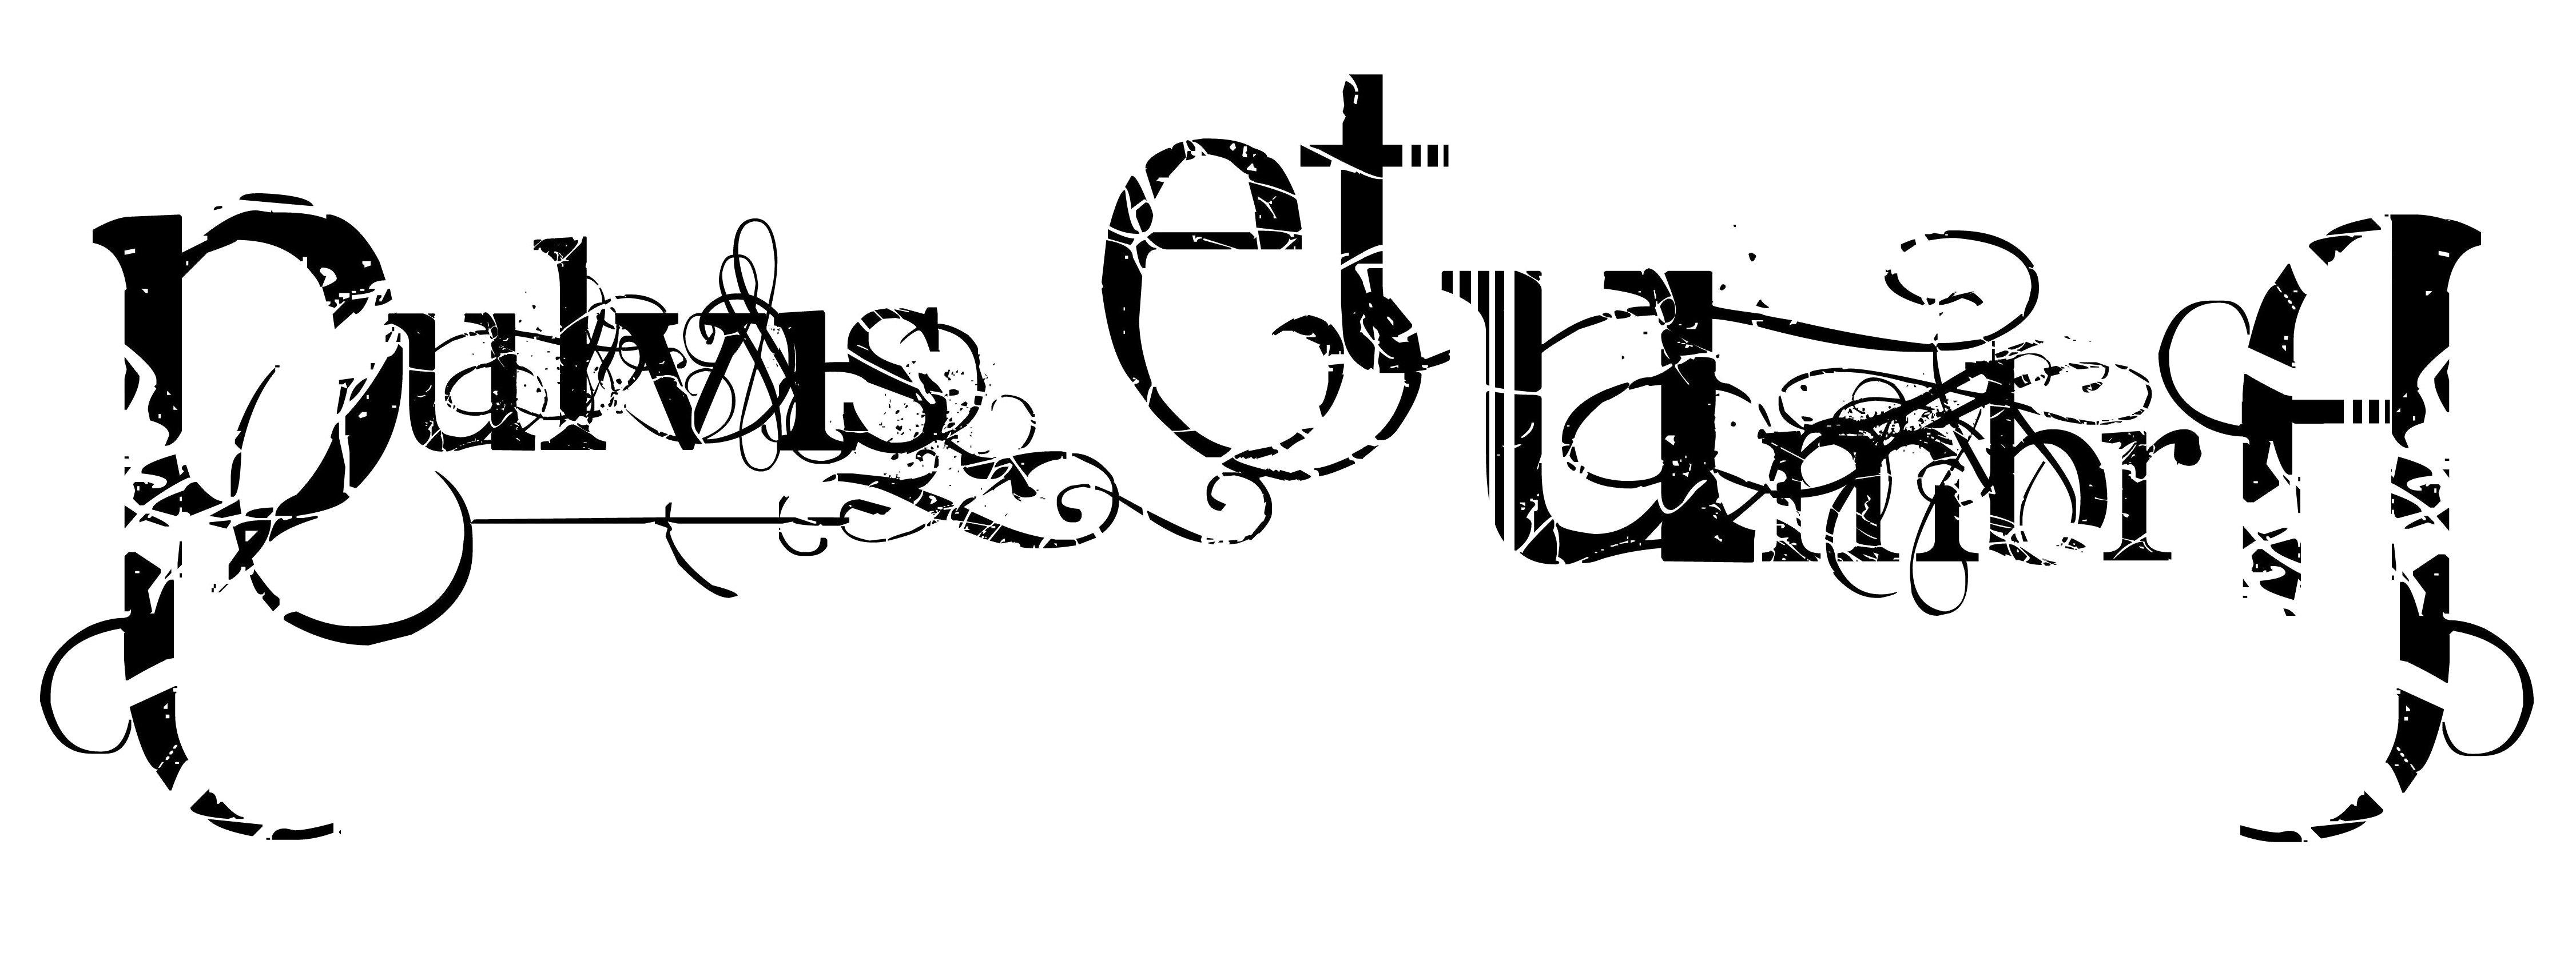 pulvis et umbra logo